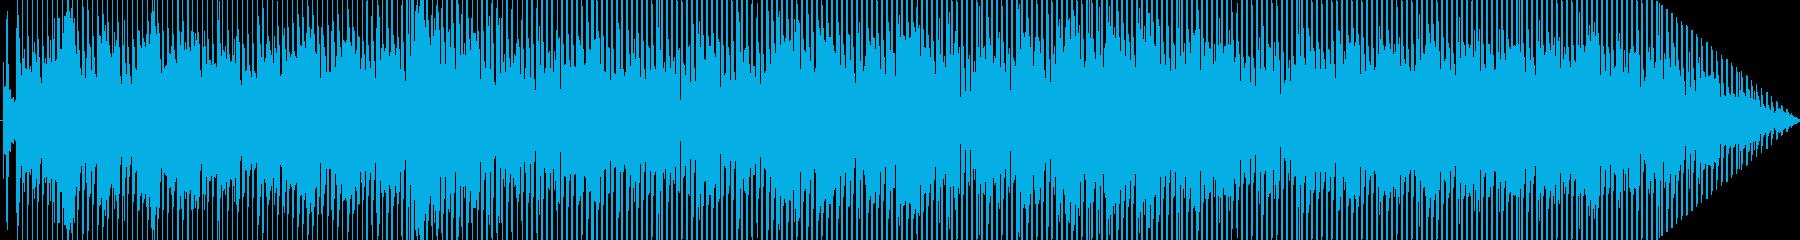 ファンキーでブルージーの再生済みの波形